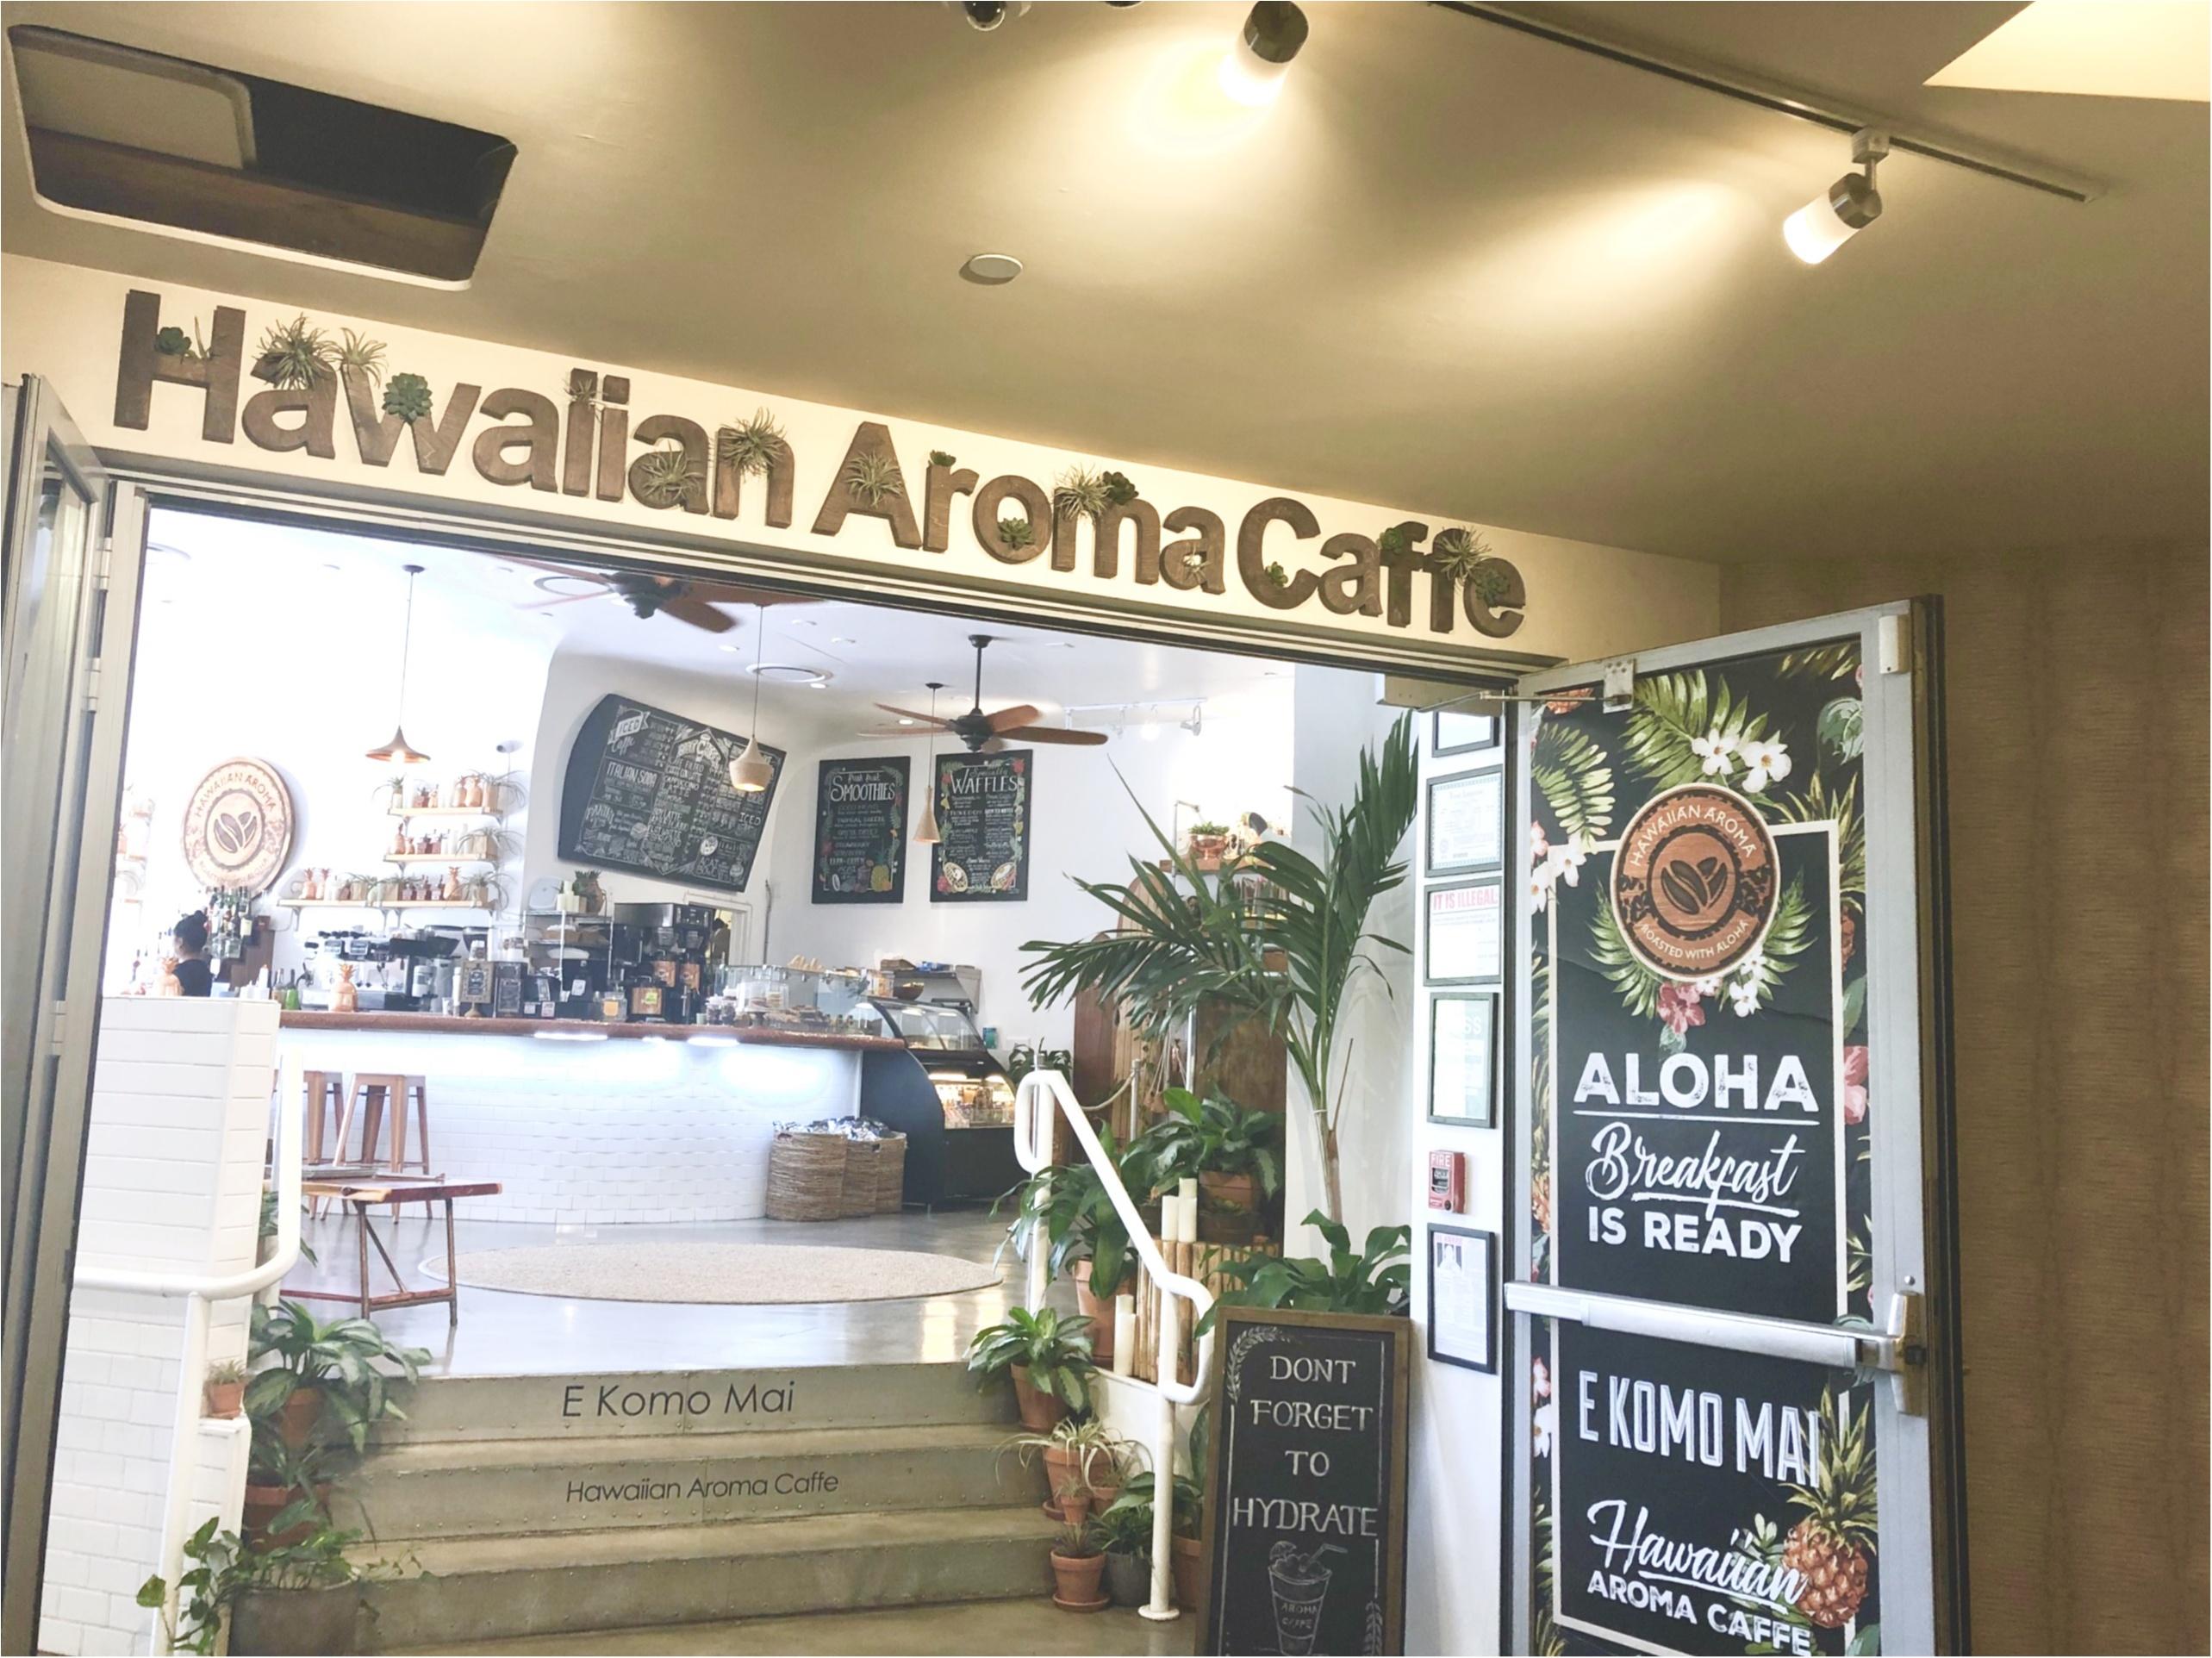 【Hawaii】おすすめ隠れ家カフェをご紹介します!!美味しいワッフルと内装が可愛いすぎる♡♡インスタ映えするフォトスペースも!?_1